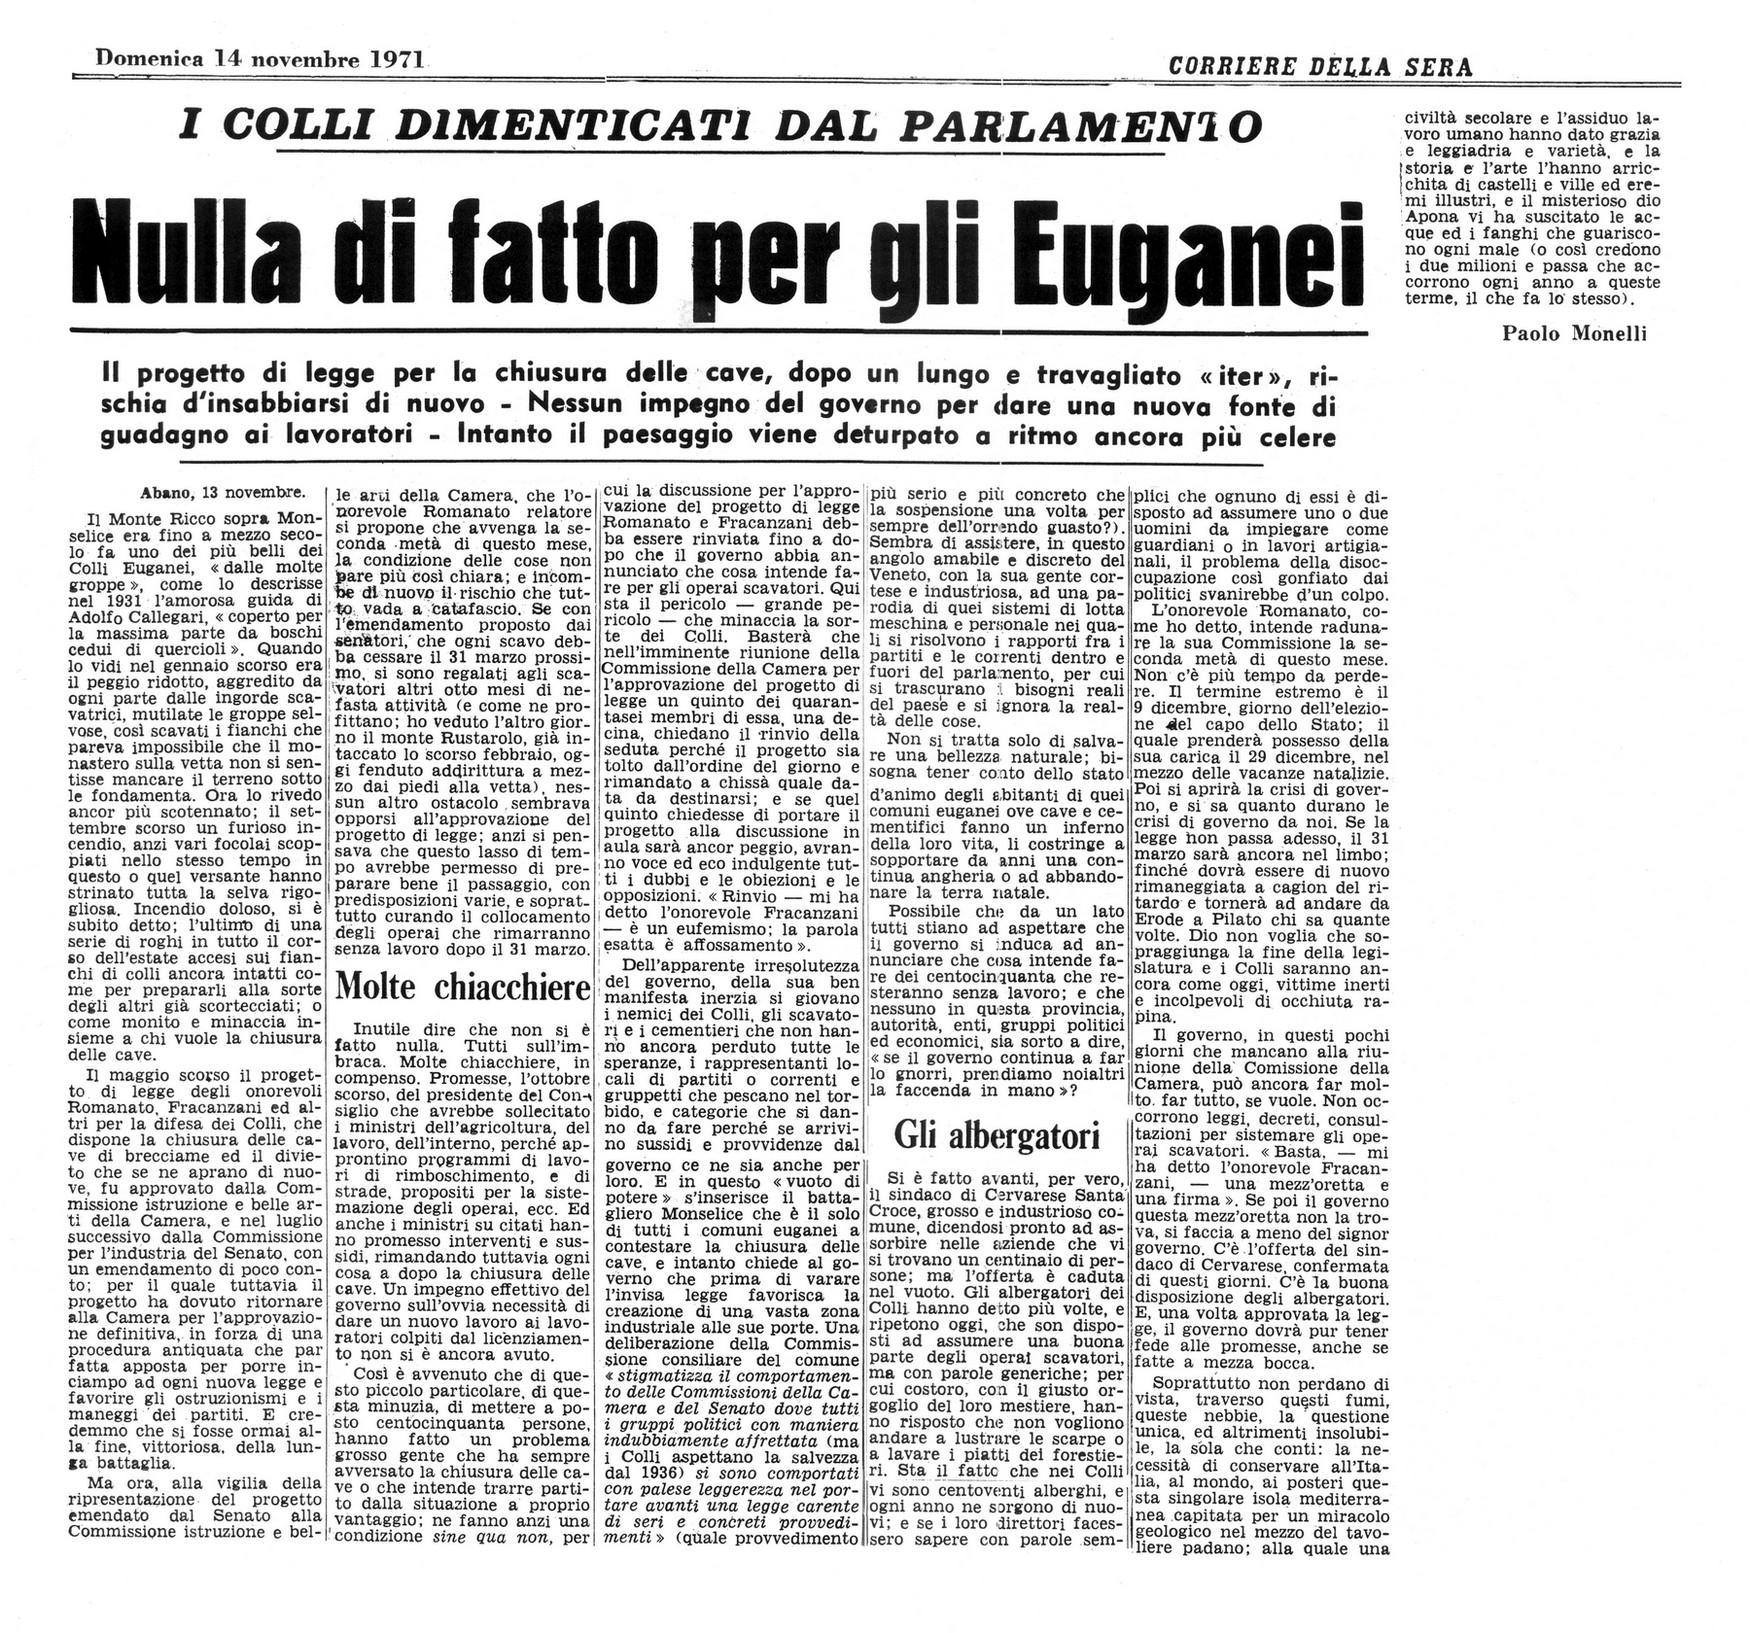 Nulla di fatto per gli Euganei. Articolo del 14 novembre 1971.